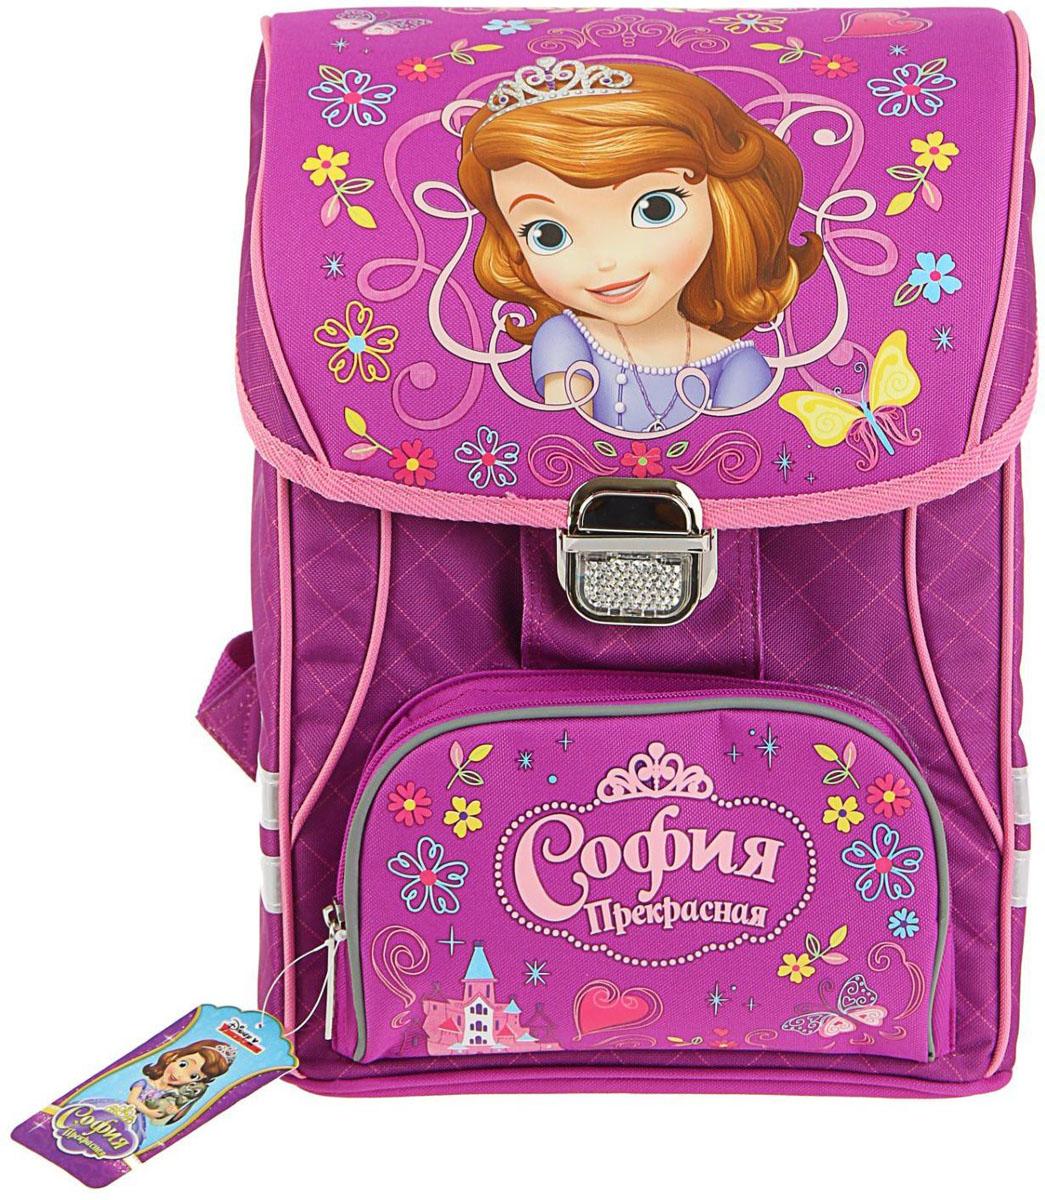 Disney Ранец школьный София цвет бежевый розовый1399011Ранец, или портфель, — это жёсткая ученическая сумка, которая является традиционным атрибутом школьного «снаряжения».Характеристики идеального современного ранца для школьника выглядят так:жёсткие корпус и спинка;регулируемые широкие мягкие лямки;наличие светоотражателей;масса — 600?800 г;мягкие подушечки на спинке и сетчатая, «дышащая» задняя сторона.Ранец на замке Disney София 37*30*21 см, для девочки, фиолетовый — это очень практичное и качественное текстильное изделие, которое отвечает всем перечисленным требованиям.Жёсткий корпус защитит ребёнка и содержимое: он не позволит книгам и учебникам «втыкаться» в спину и сбережёт ранец, если ученик его уронит. А смягчающие элементы (поролон и сетка) сделают процесс ношения этого изделия комфортным.